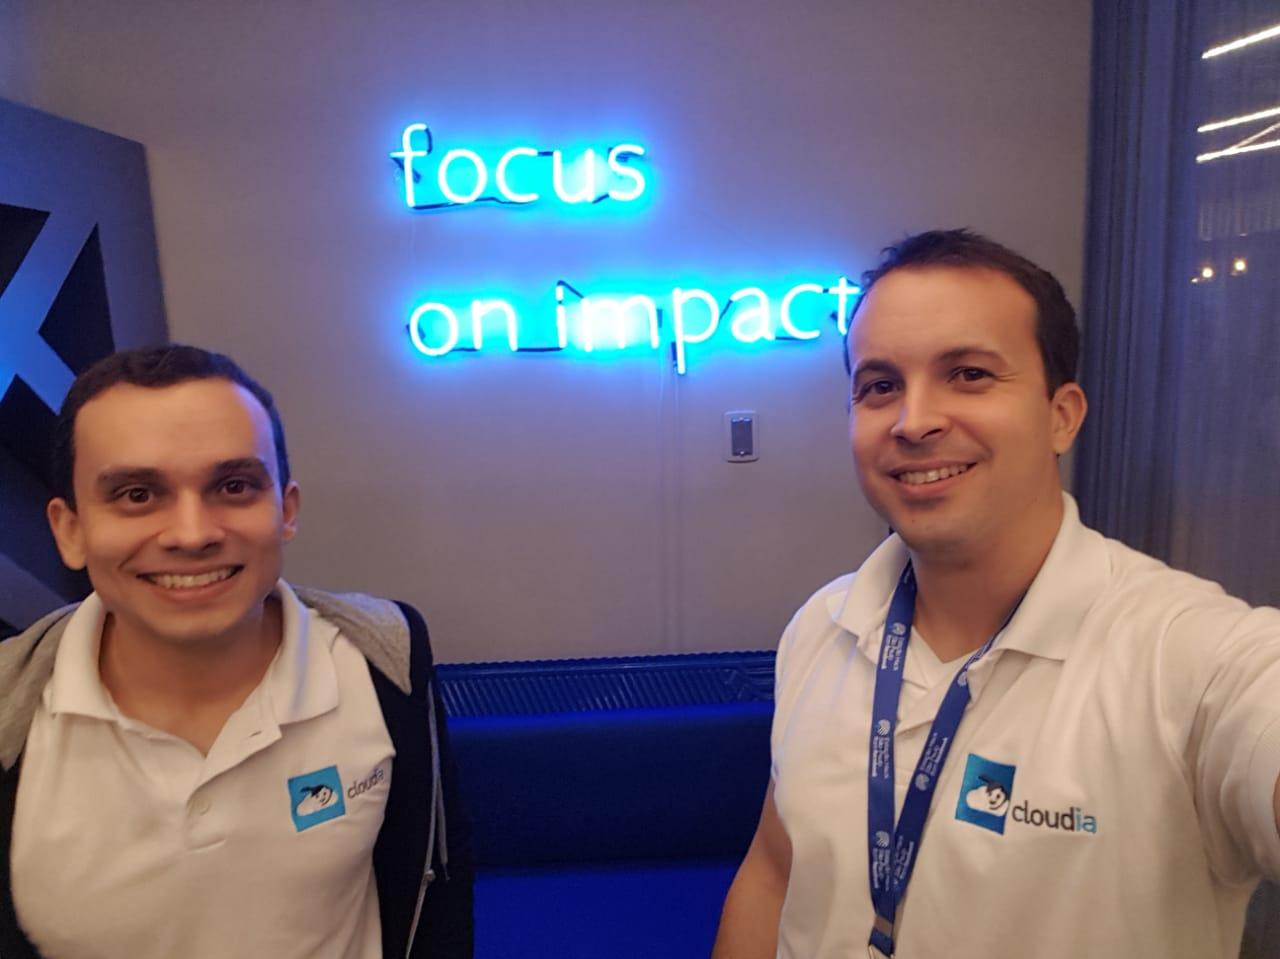 Focus on impact - Estação Hack (Facebook e Artemísia)- Escritório Cloudia